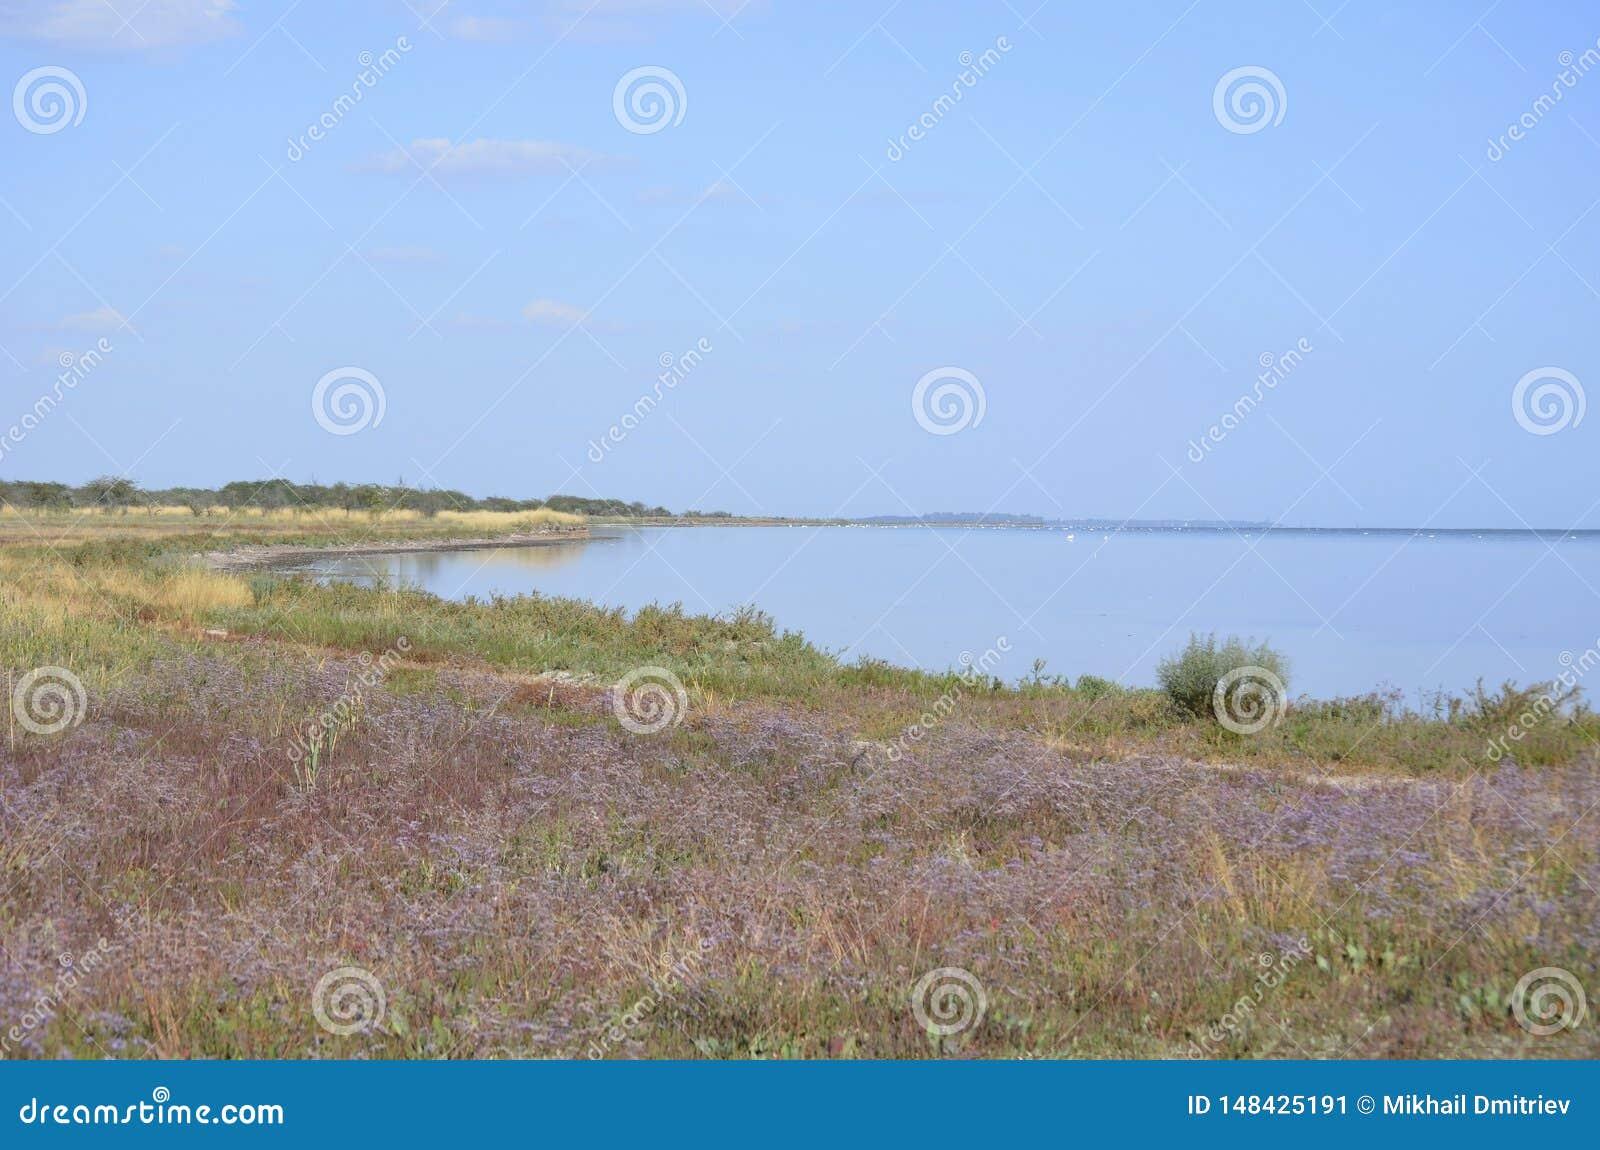 Ett fält av blommiga puurpurblommor vid havet